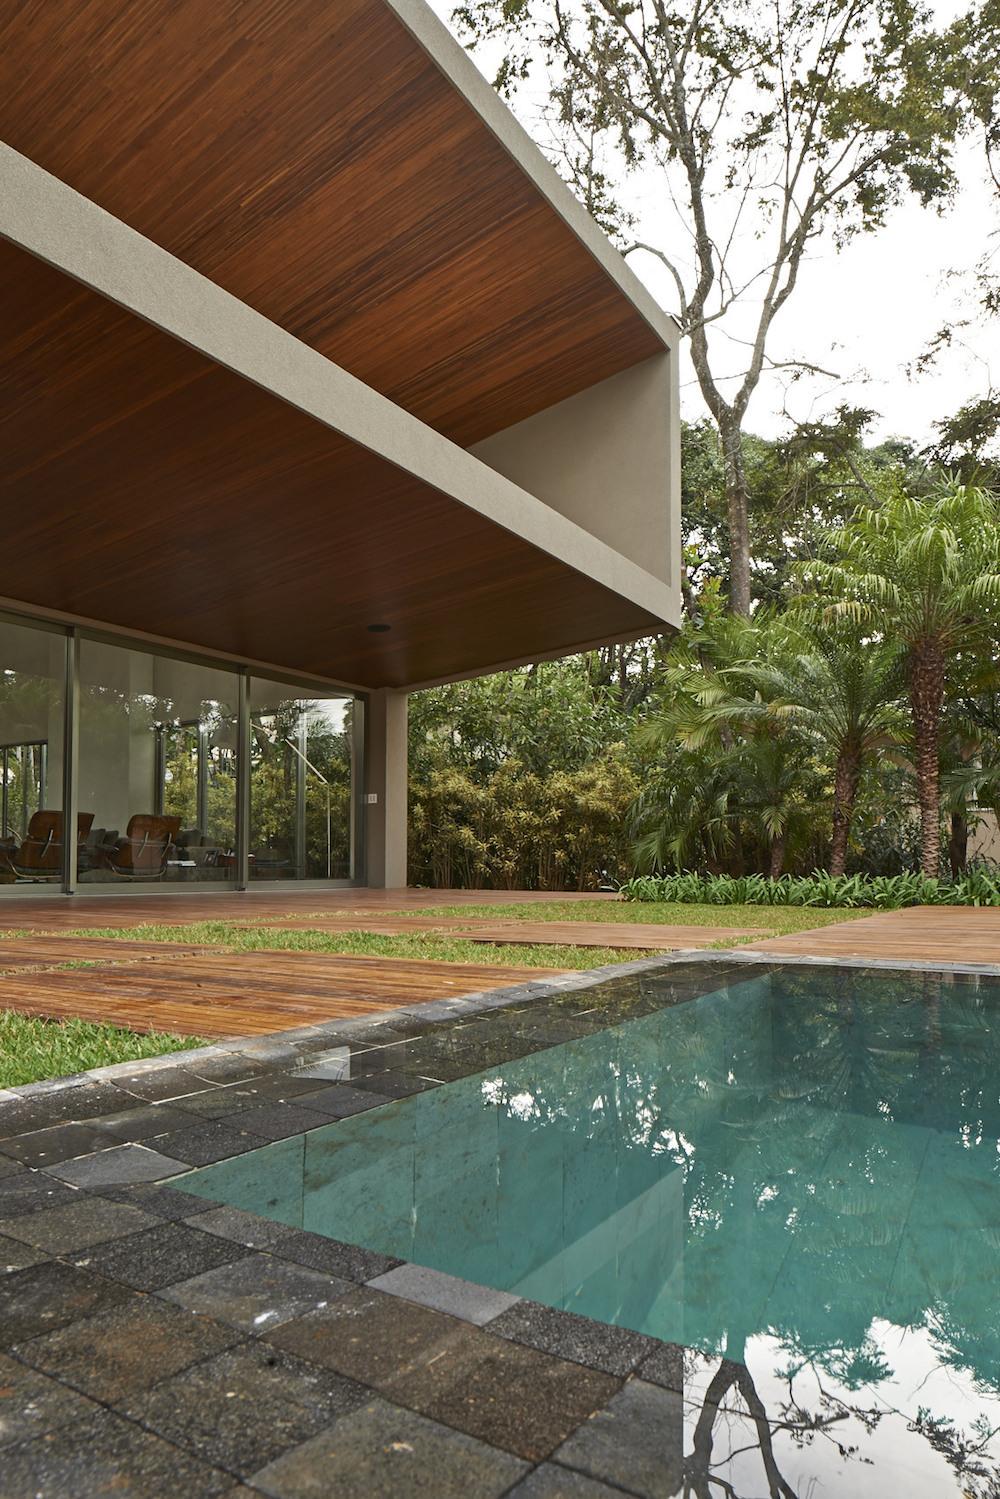 52a3df82e8e44ec6230000b4_bosque-da-ribeira-anastasia-arquitetos__dsc7363